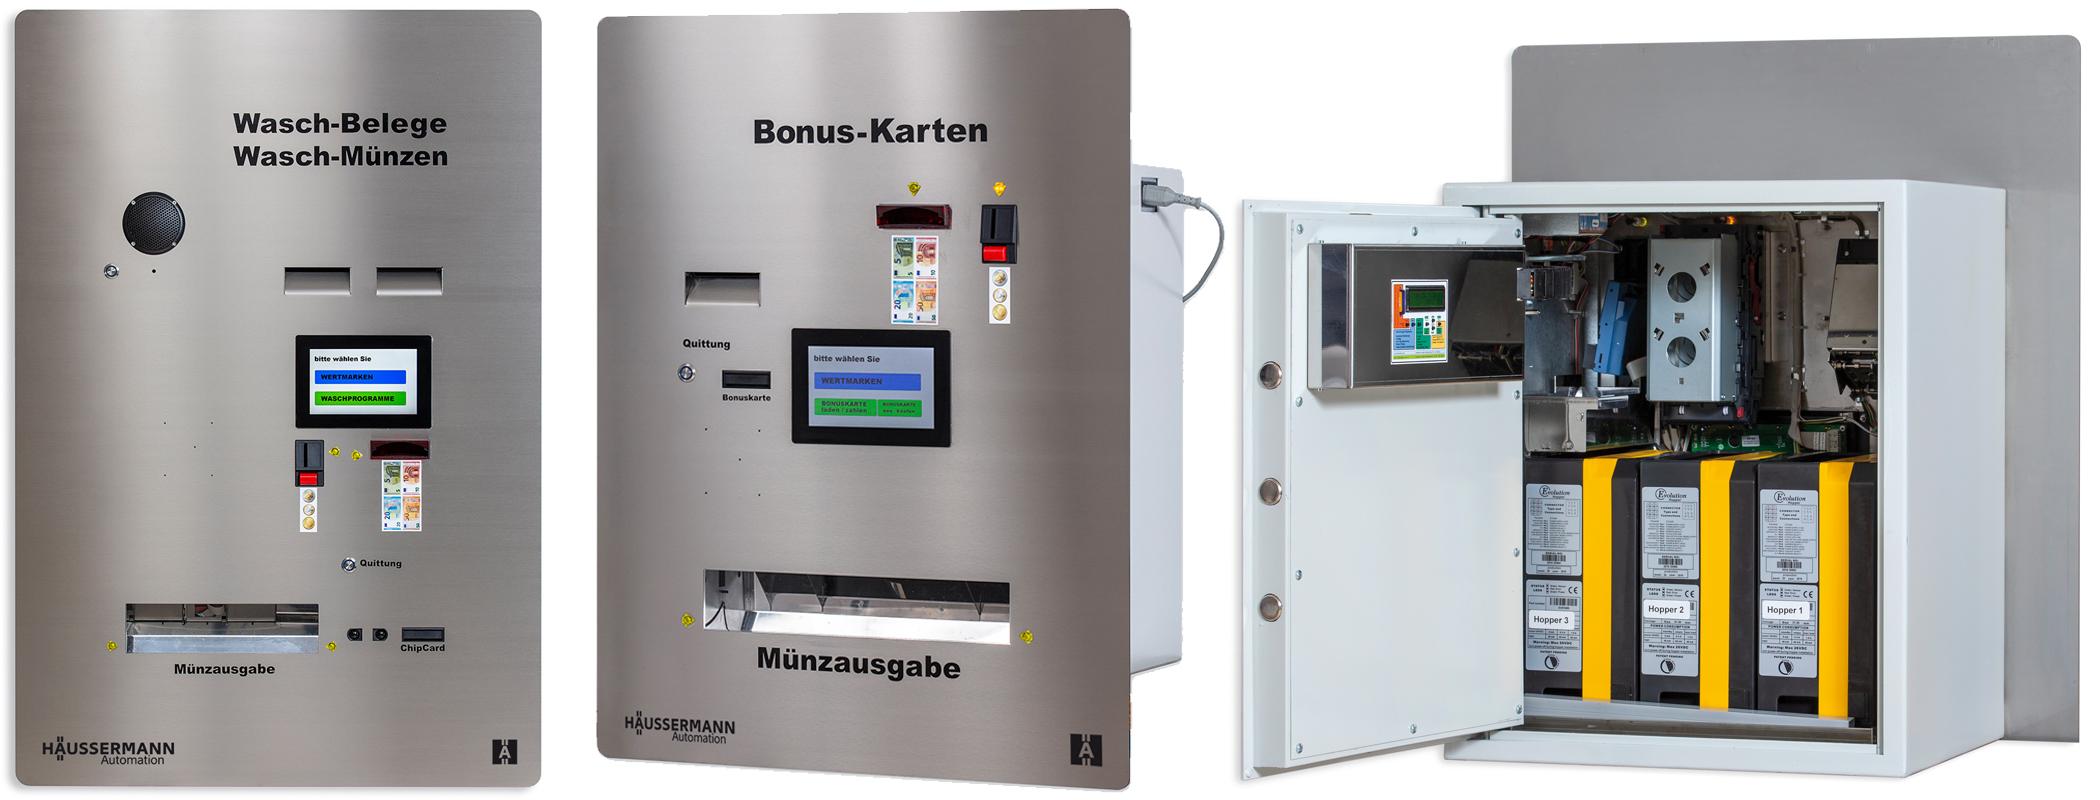 Häussermann Automaten zum Wechseln und Bezahlen